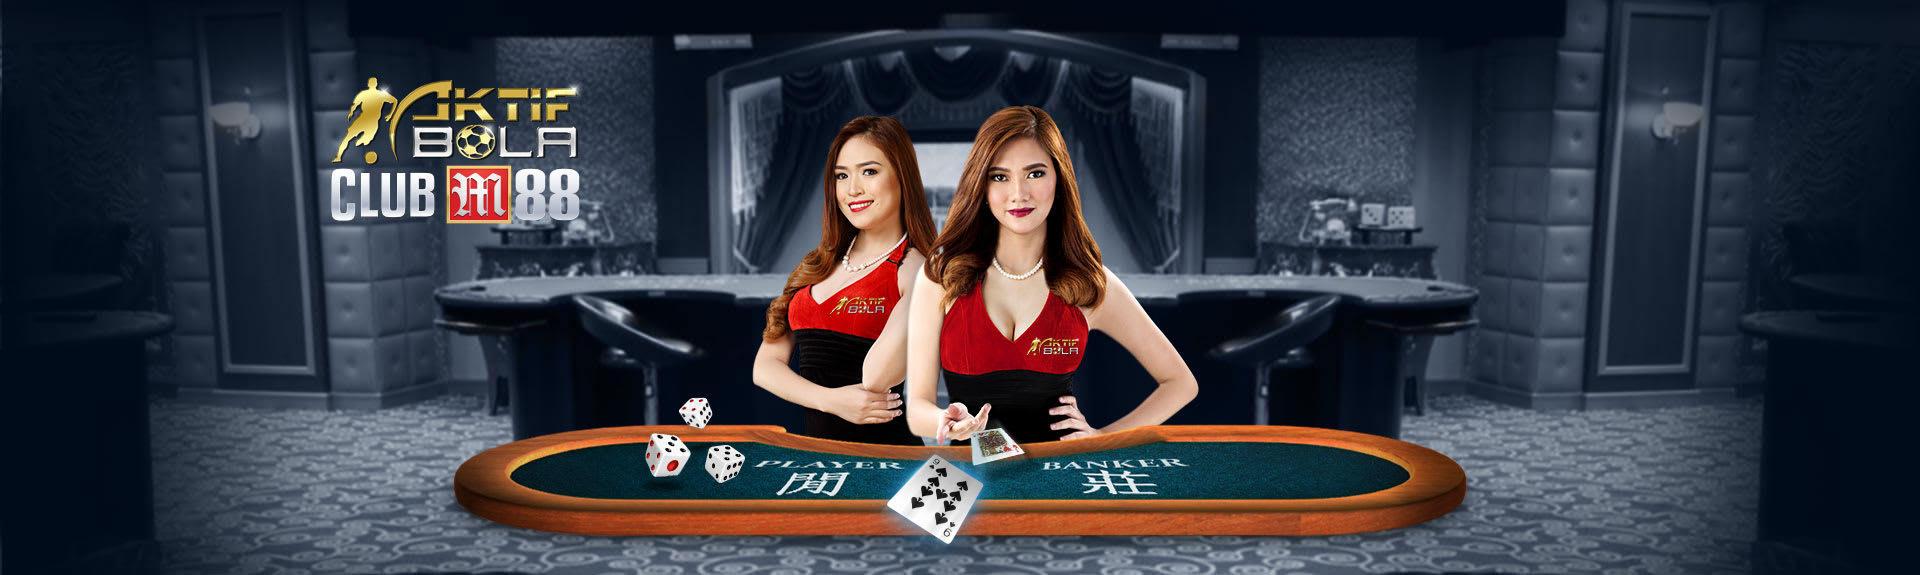 Tips Menjadi Pemain Kasino Online Profesional